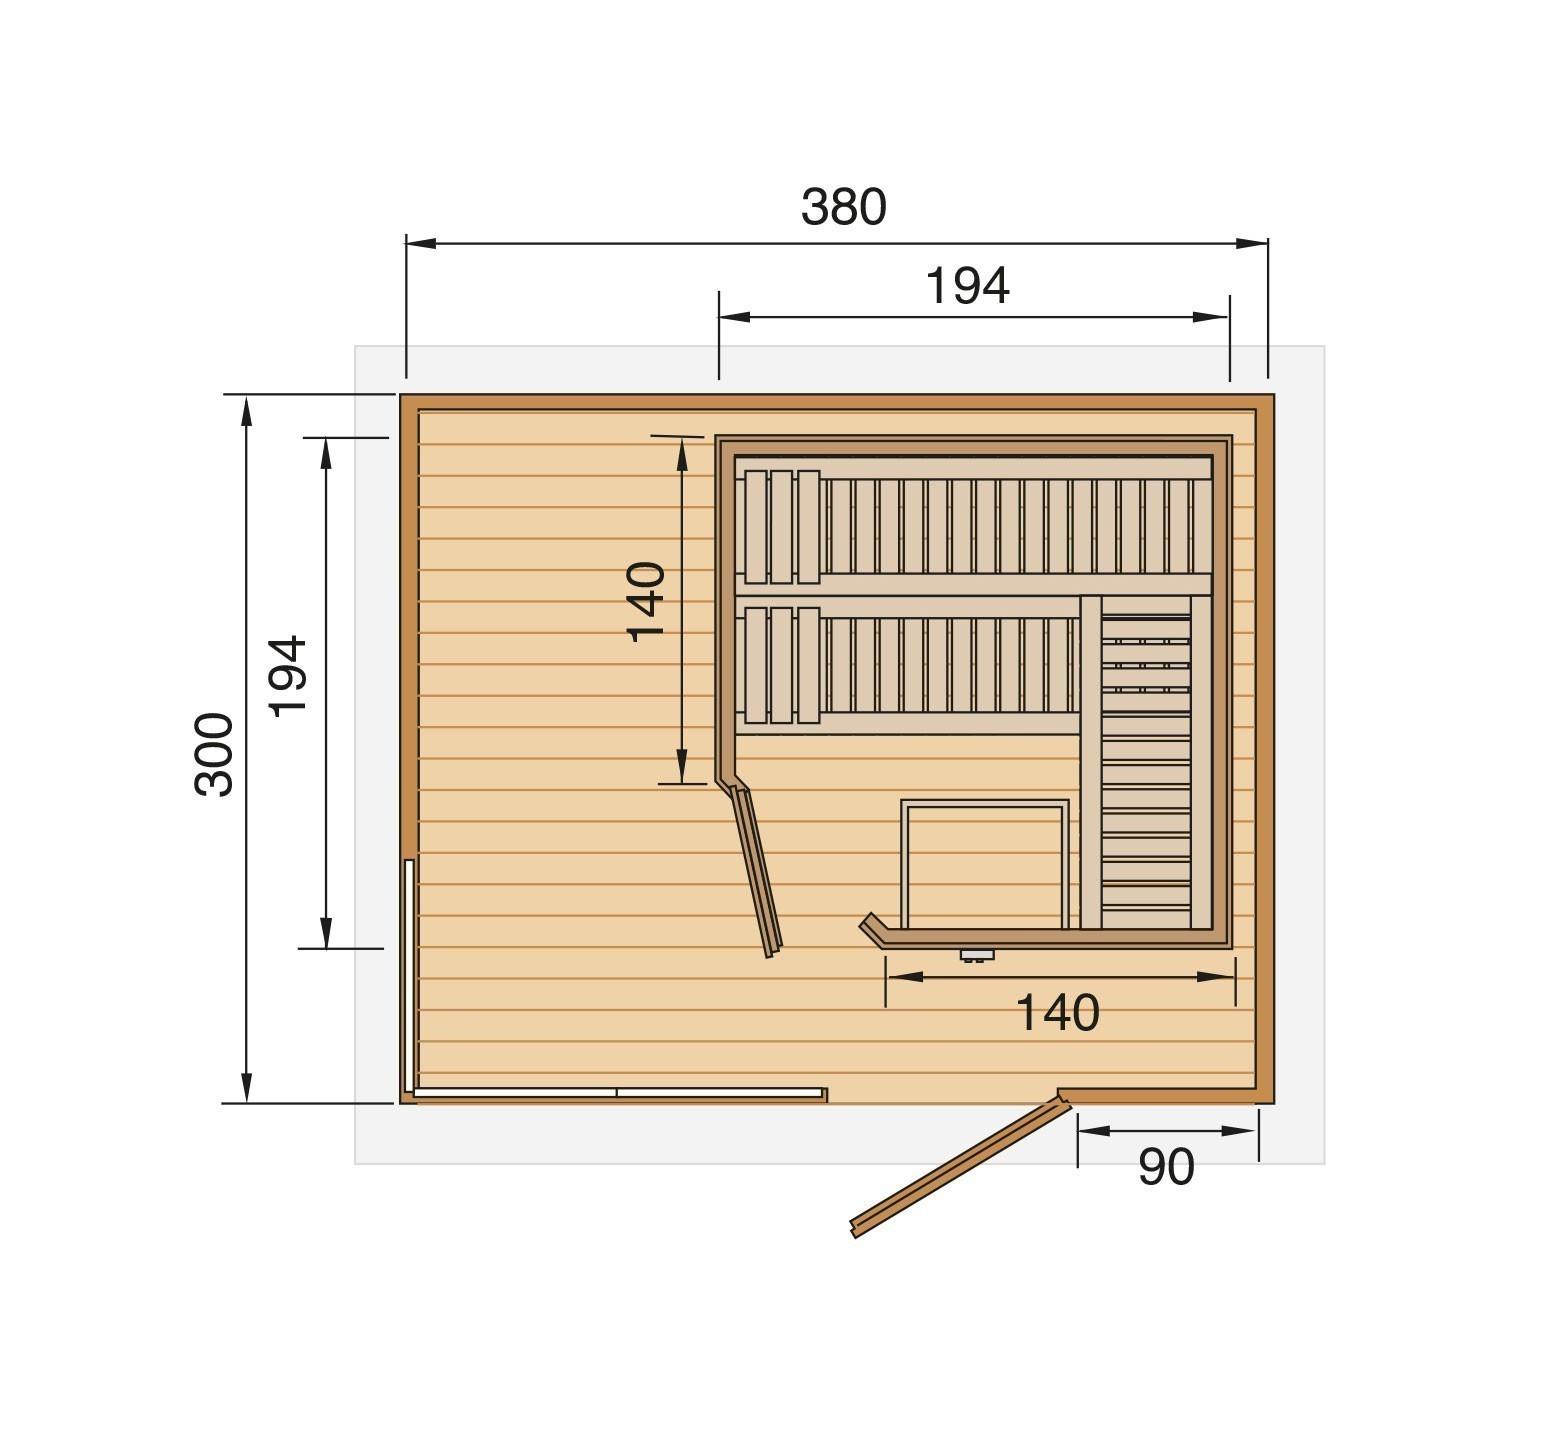 Weka Gartensauna / Design Saunahaus 45mm Cubilis ohne Saunaofen Bild 2